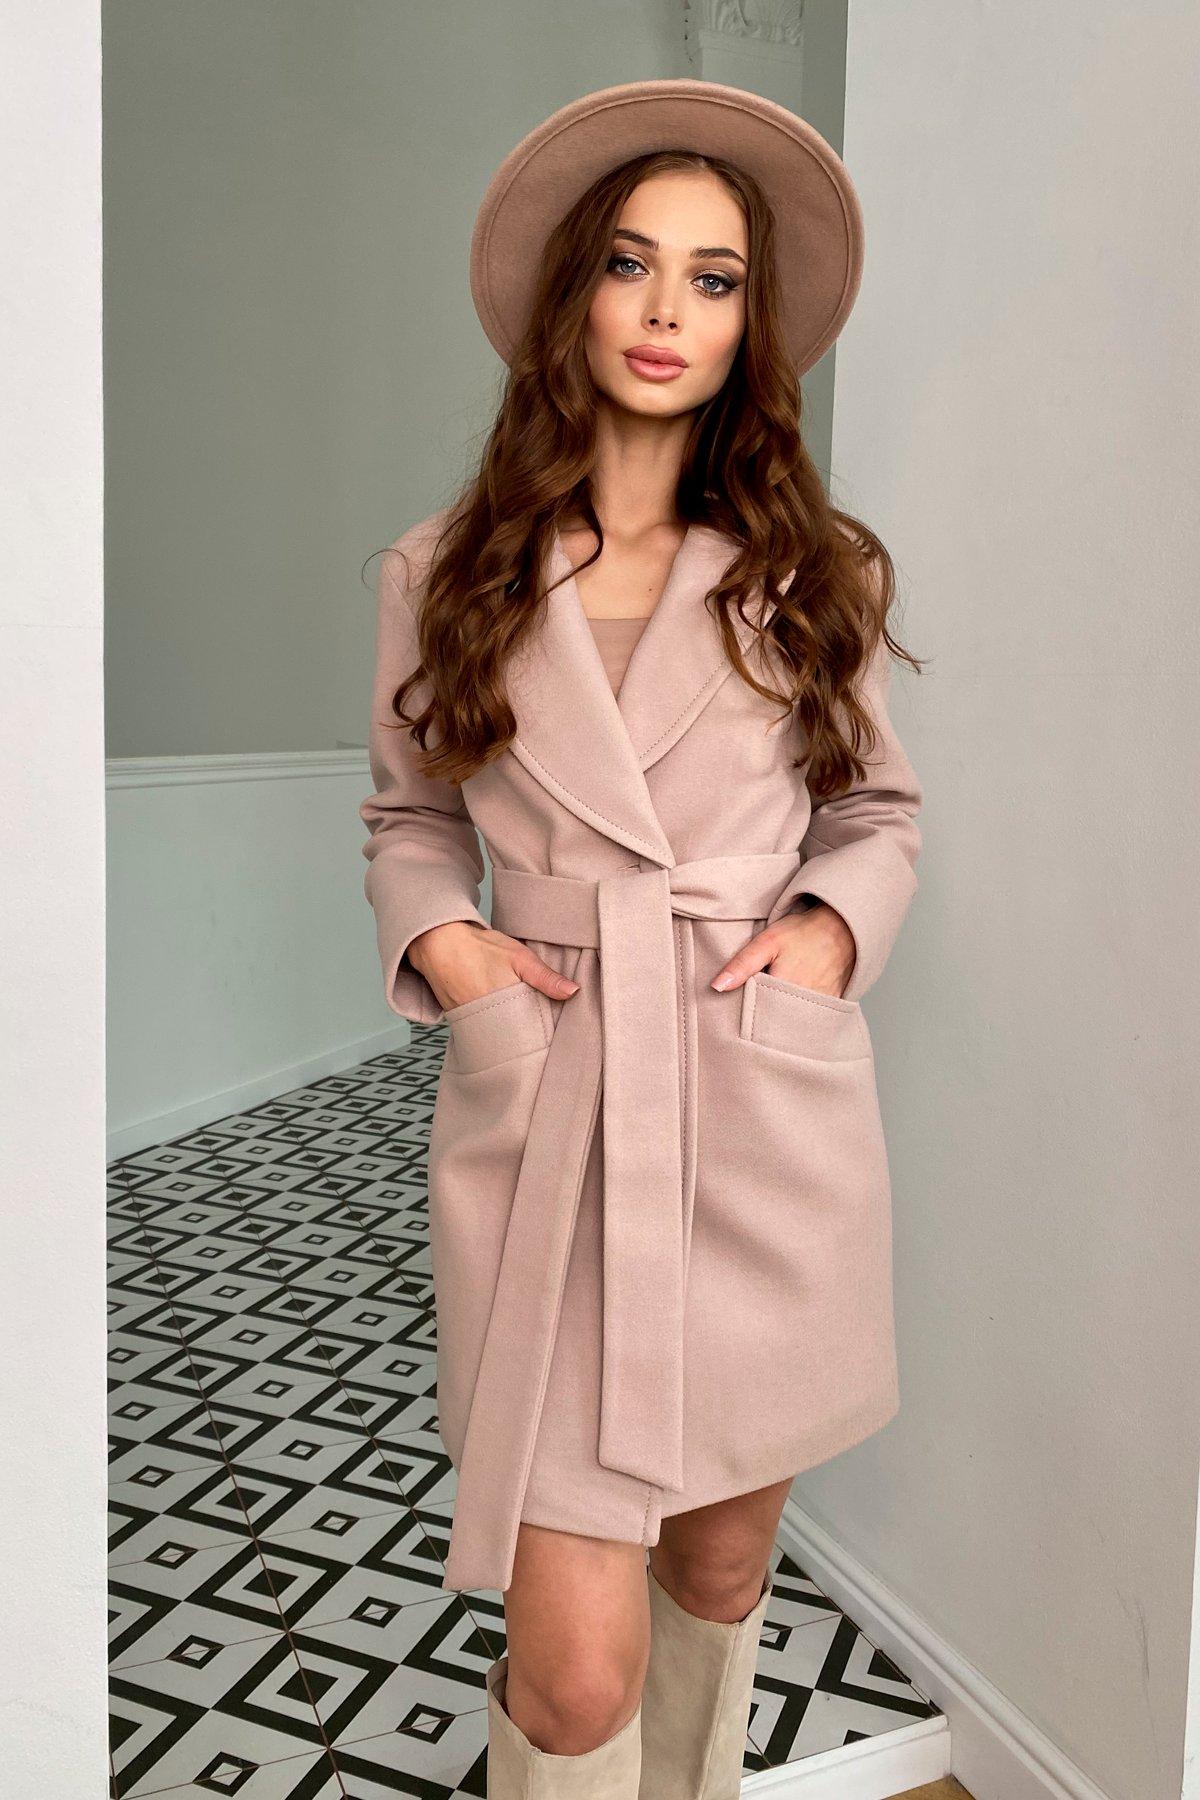 Вейсона кашемир на трикотаже пальто 9866 АРТ. 46159 Цвет: Пудра - фото 2, интернет магазин tm-modus.ru